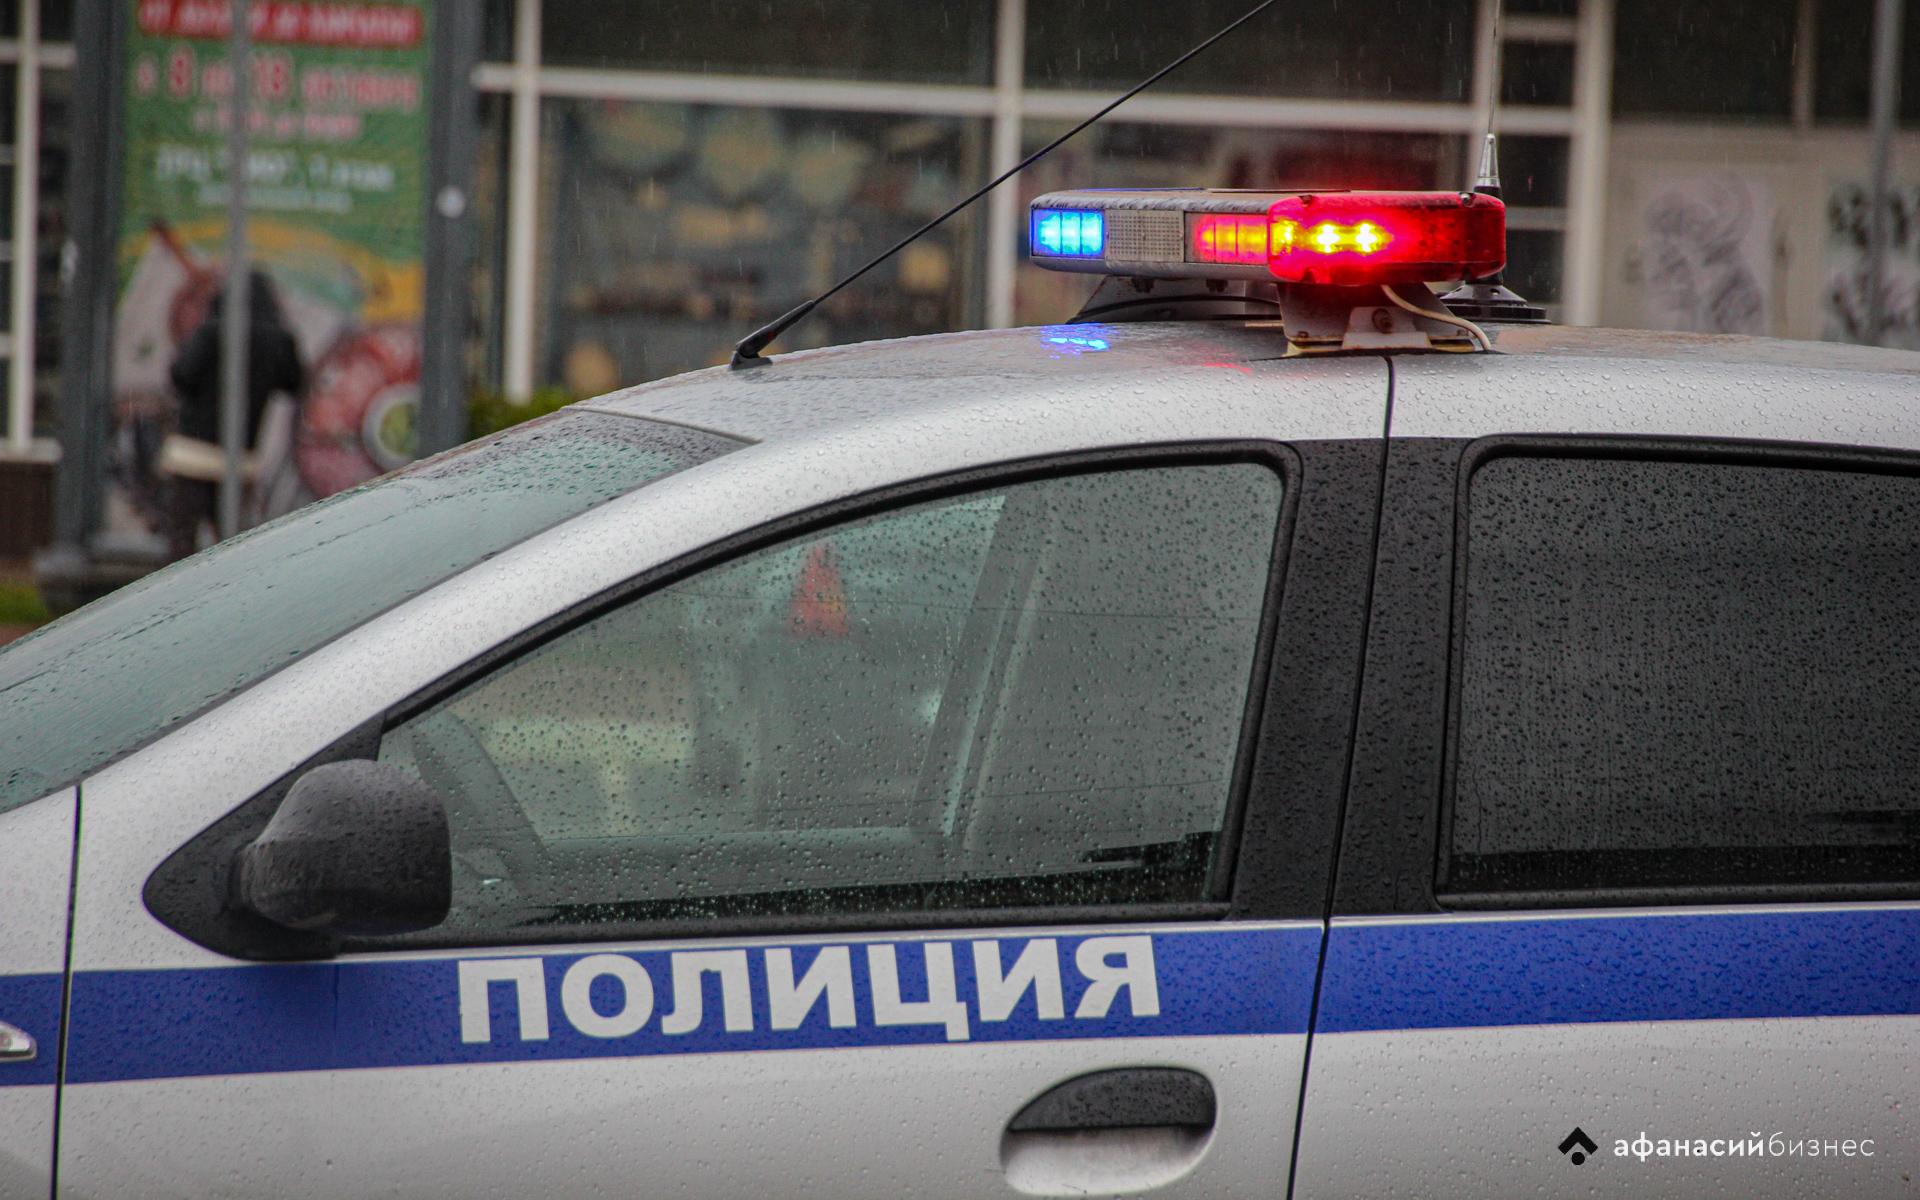 9-летняя девочка получила травмы в столкновении двух легковушек в Твери - новости Афанасий